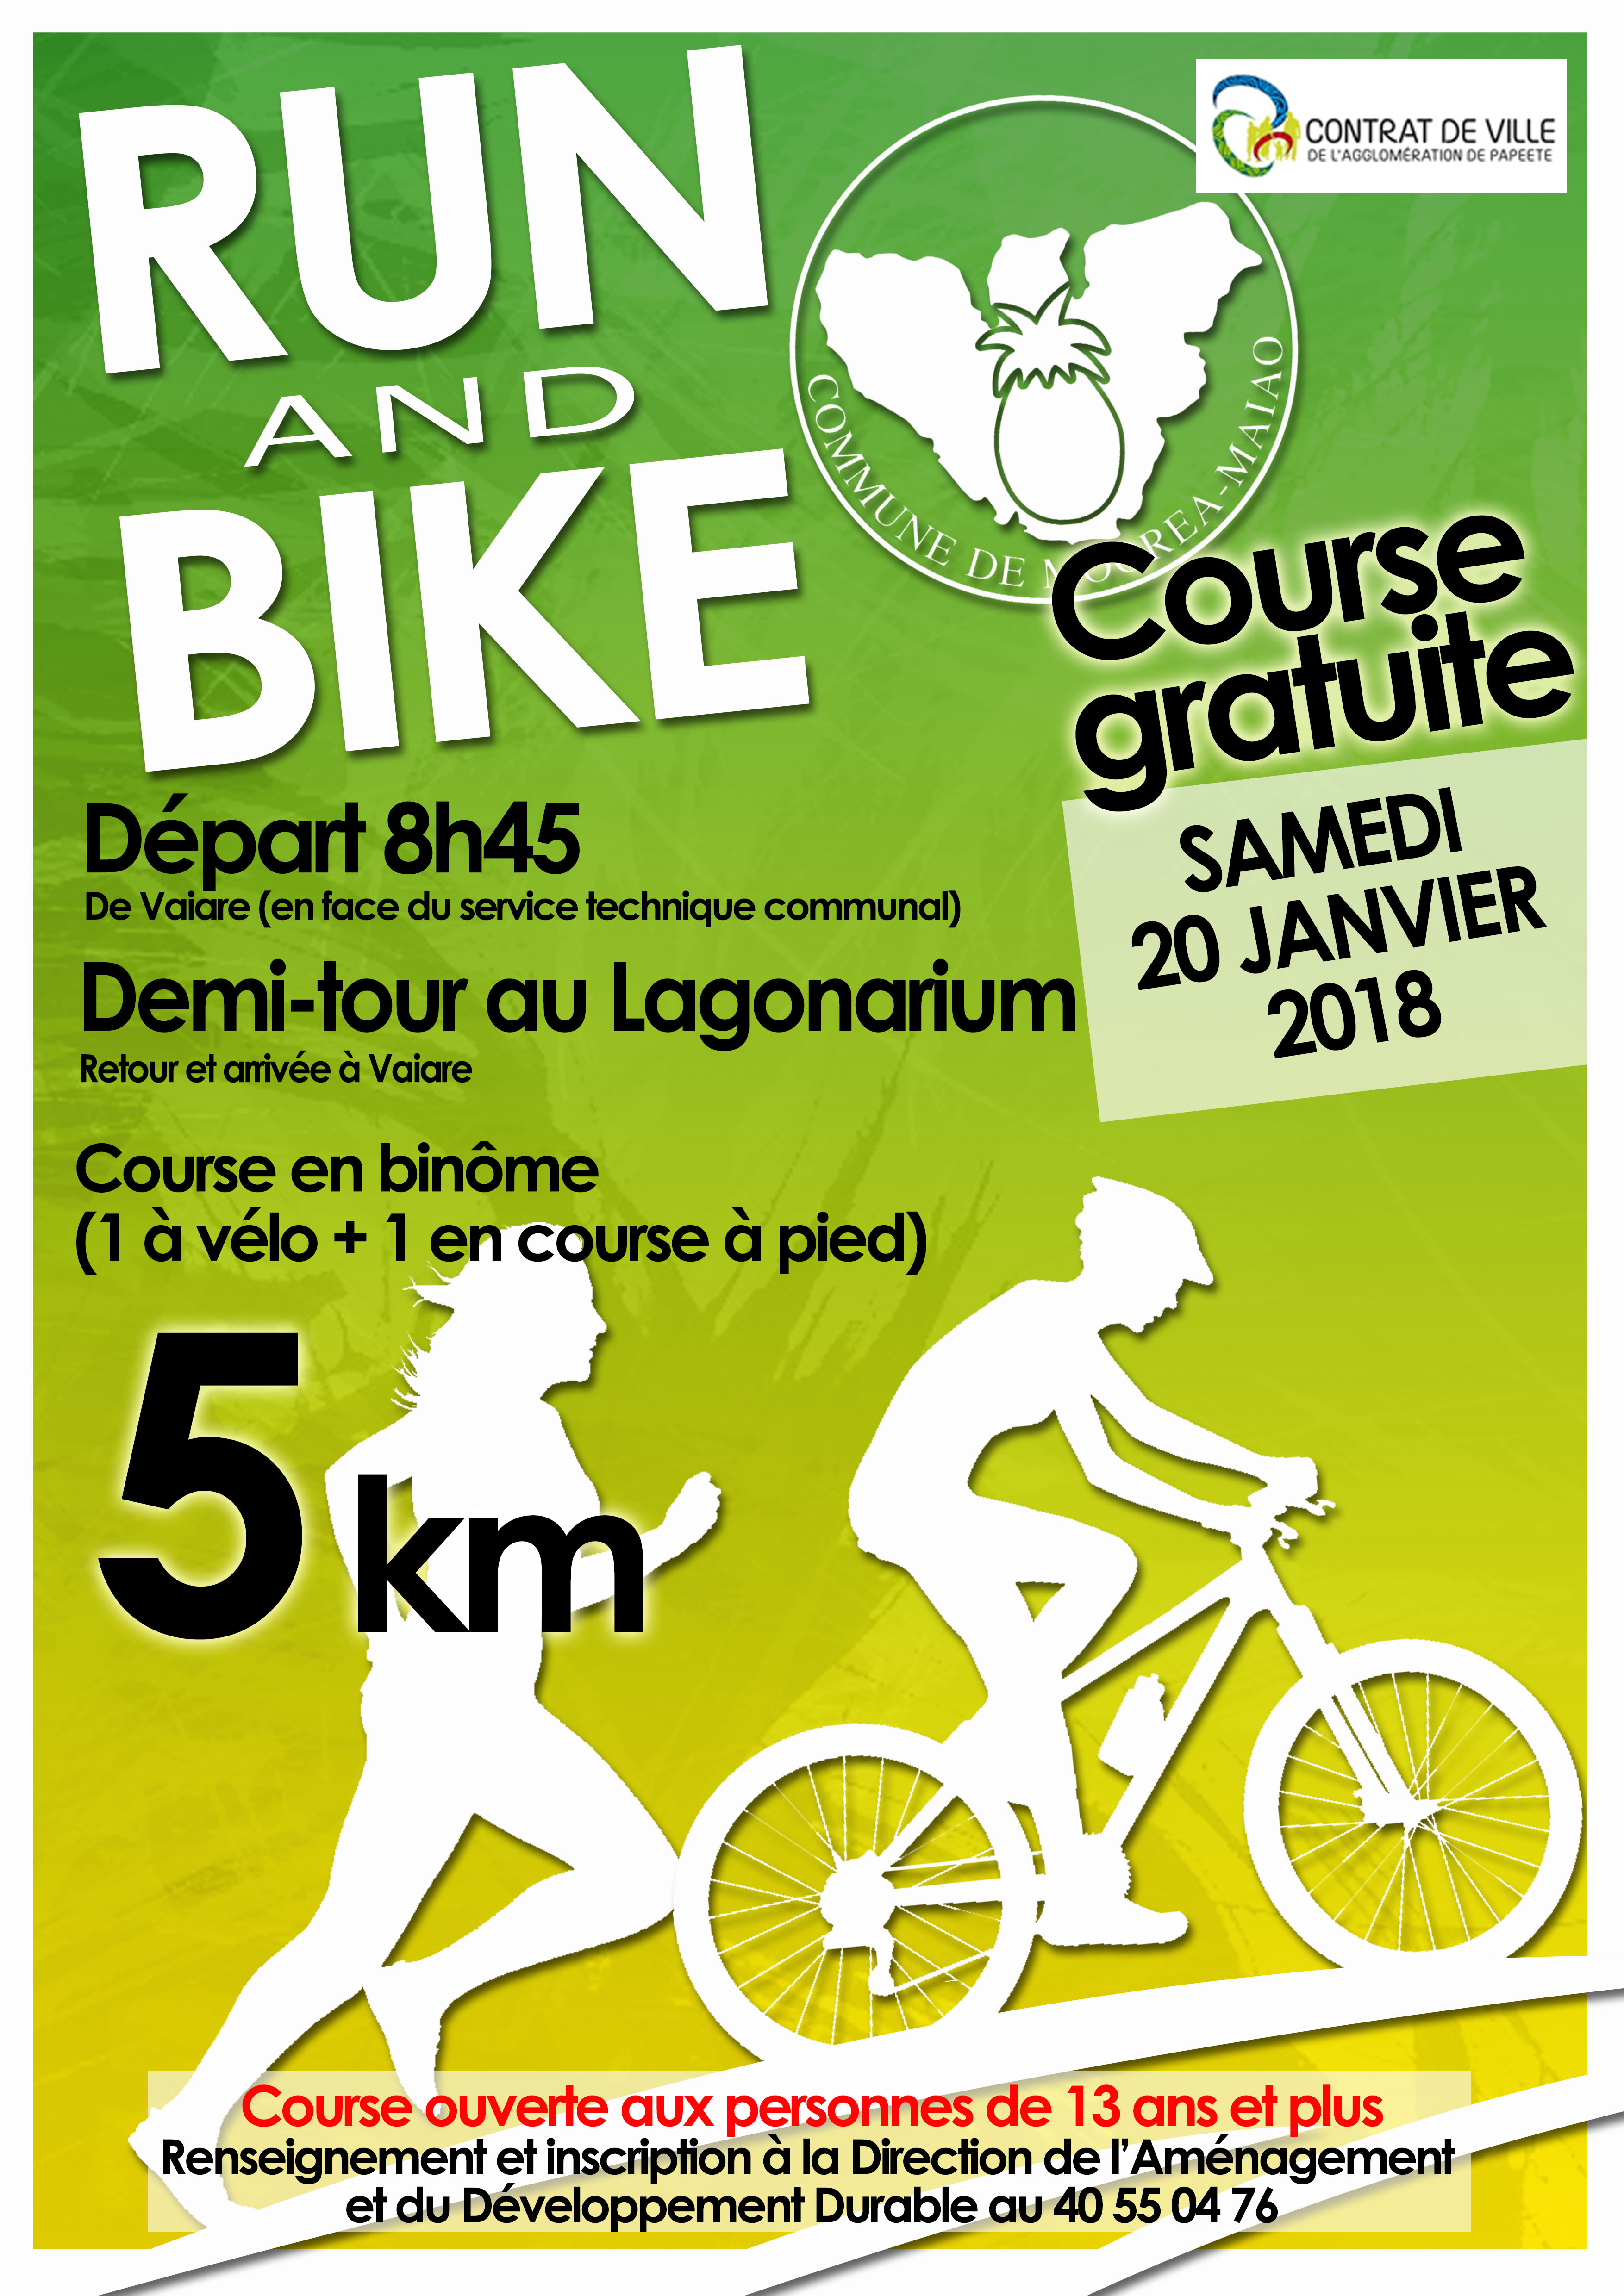 Un week-end Run & bike à Moorea pour sensibiliser sur les risques en deux roues